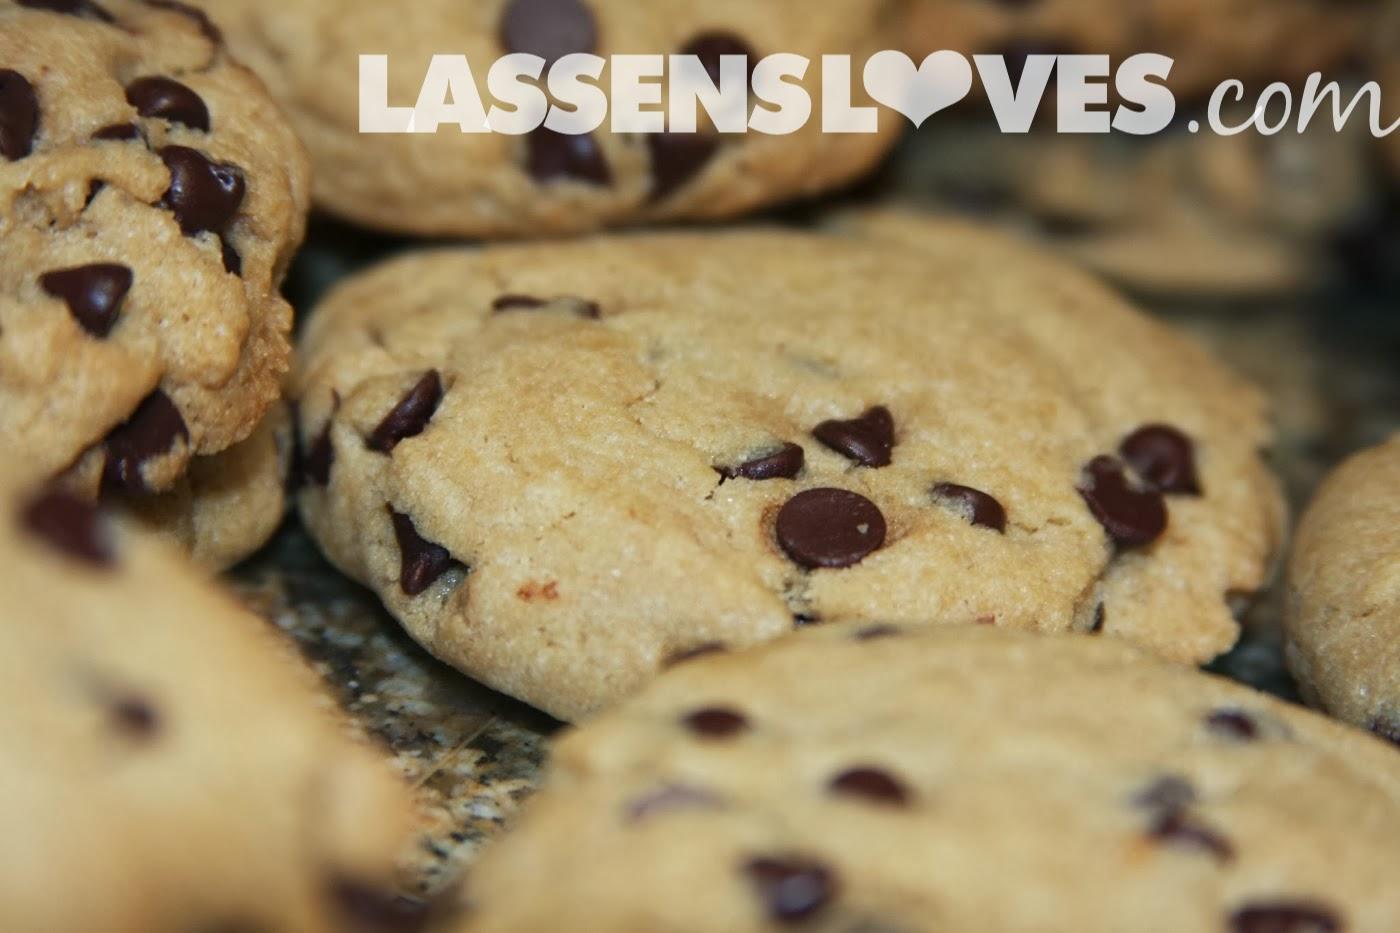 lassensloves.com, Lassen's, Lassens, Arnel's Gluten Free, Baking Mixes